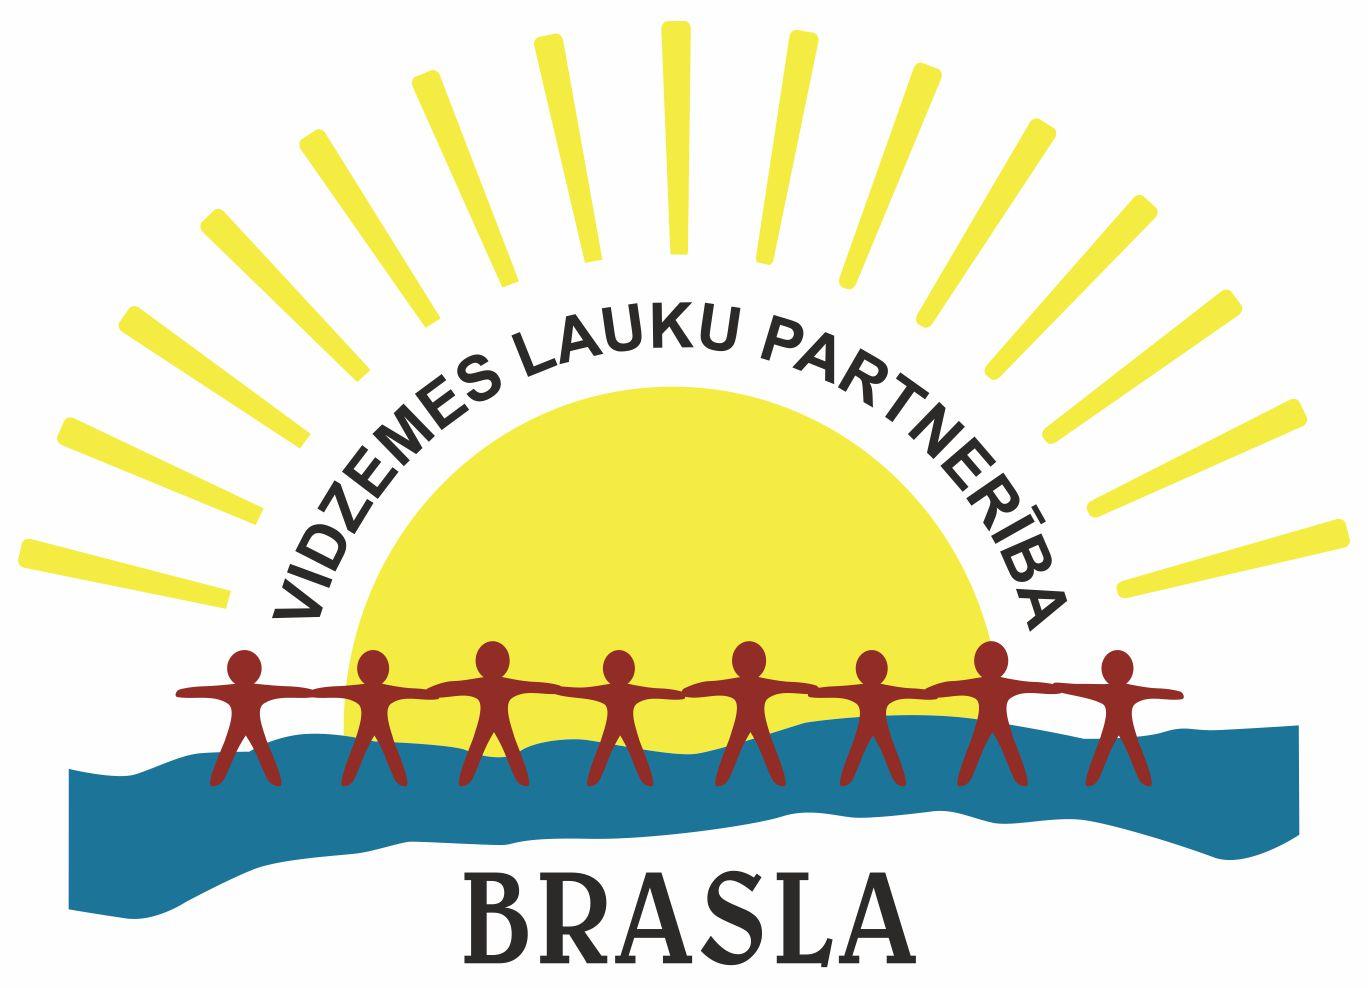 Brasla logo.jpg